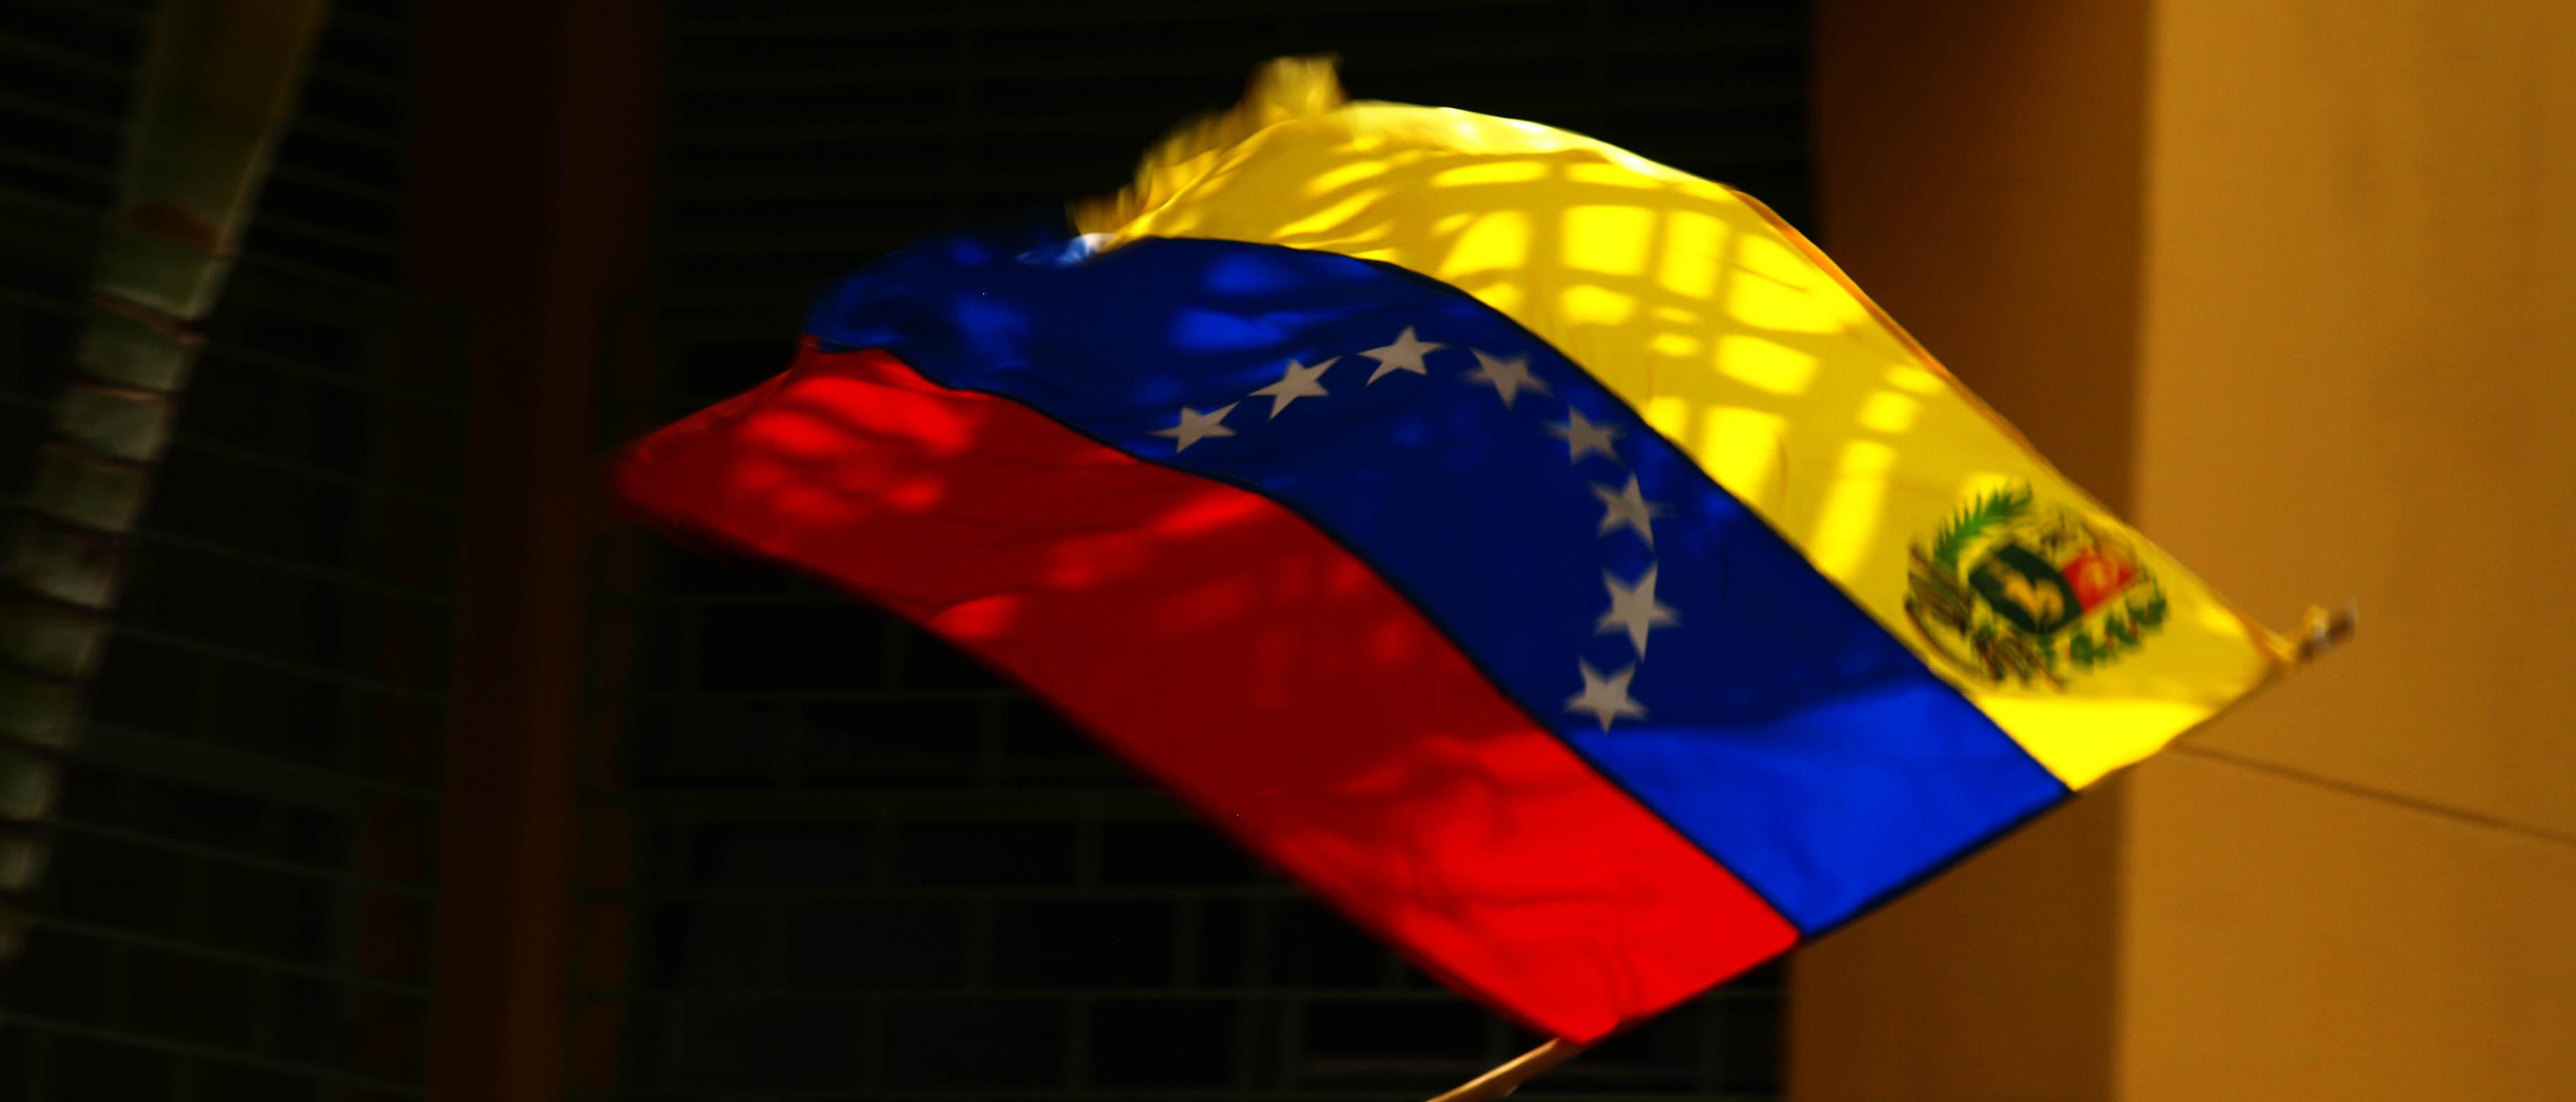 En Venezuela se muere antes de nacer por Luisa Pernalete